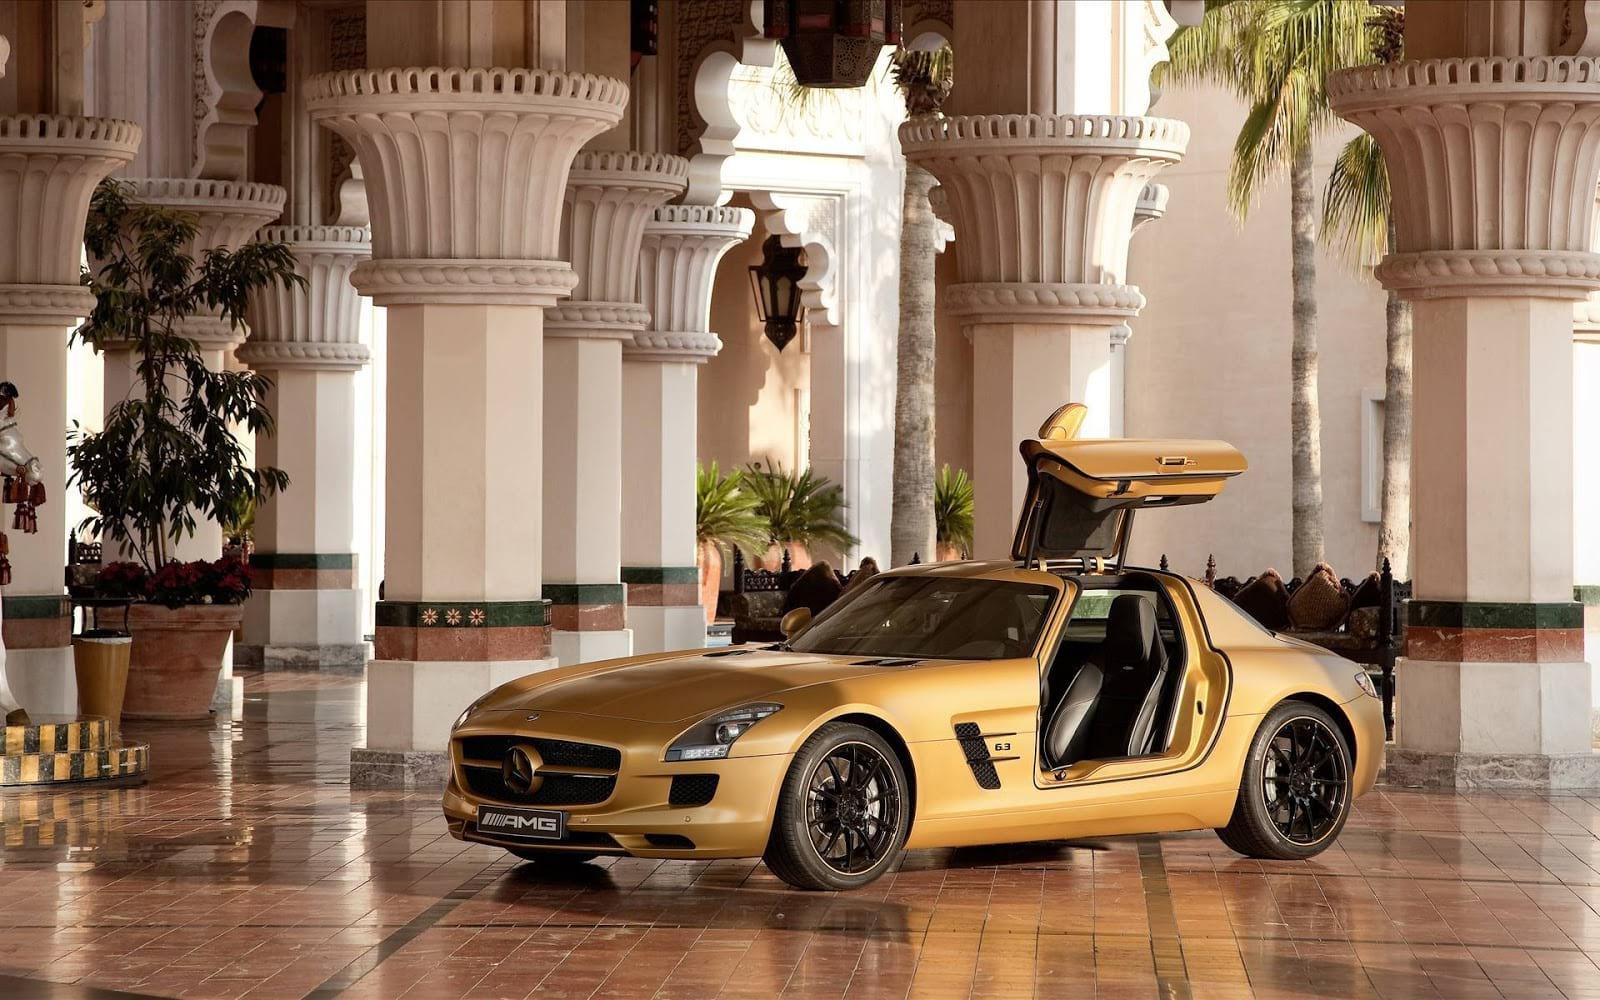 Unohtumattomimmat Viking lotto tulokset - luxury sports car